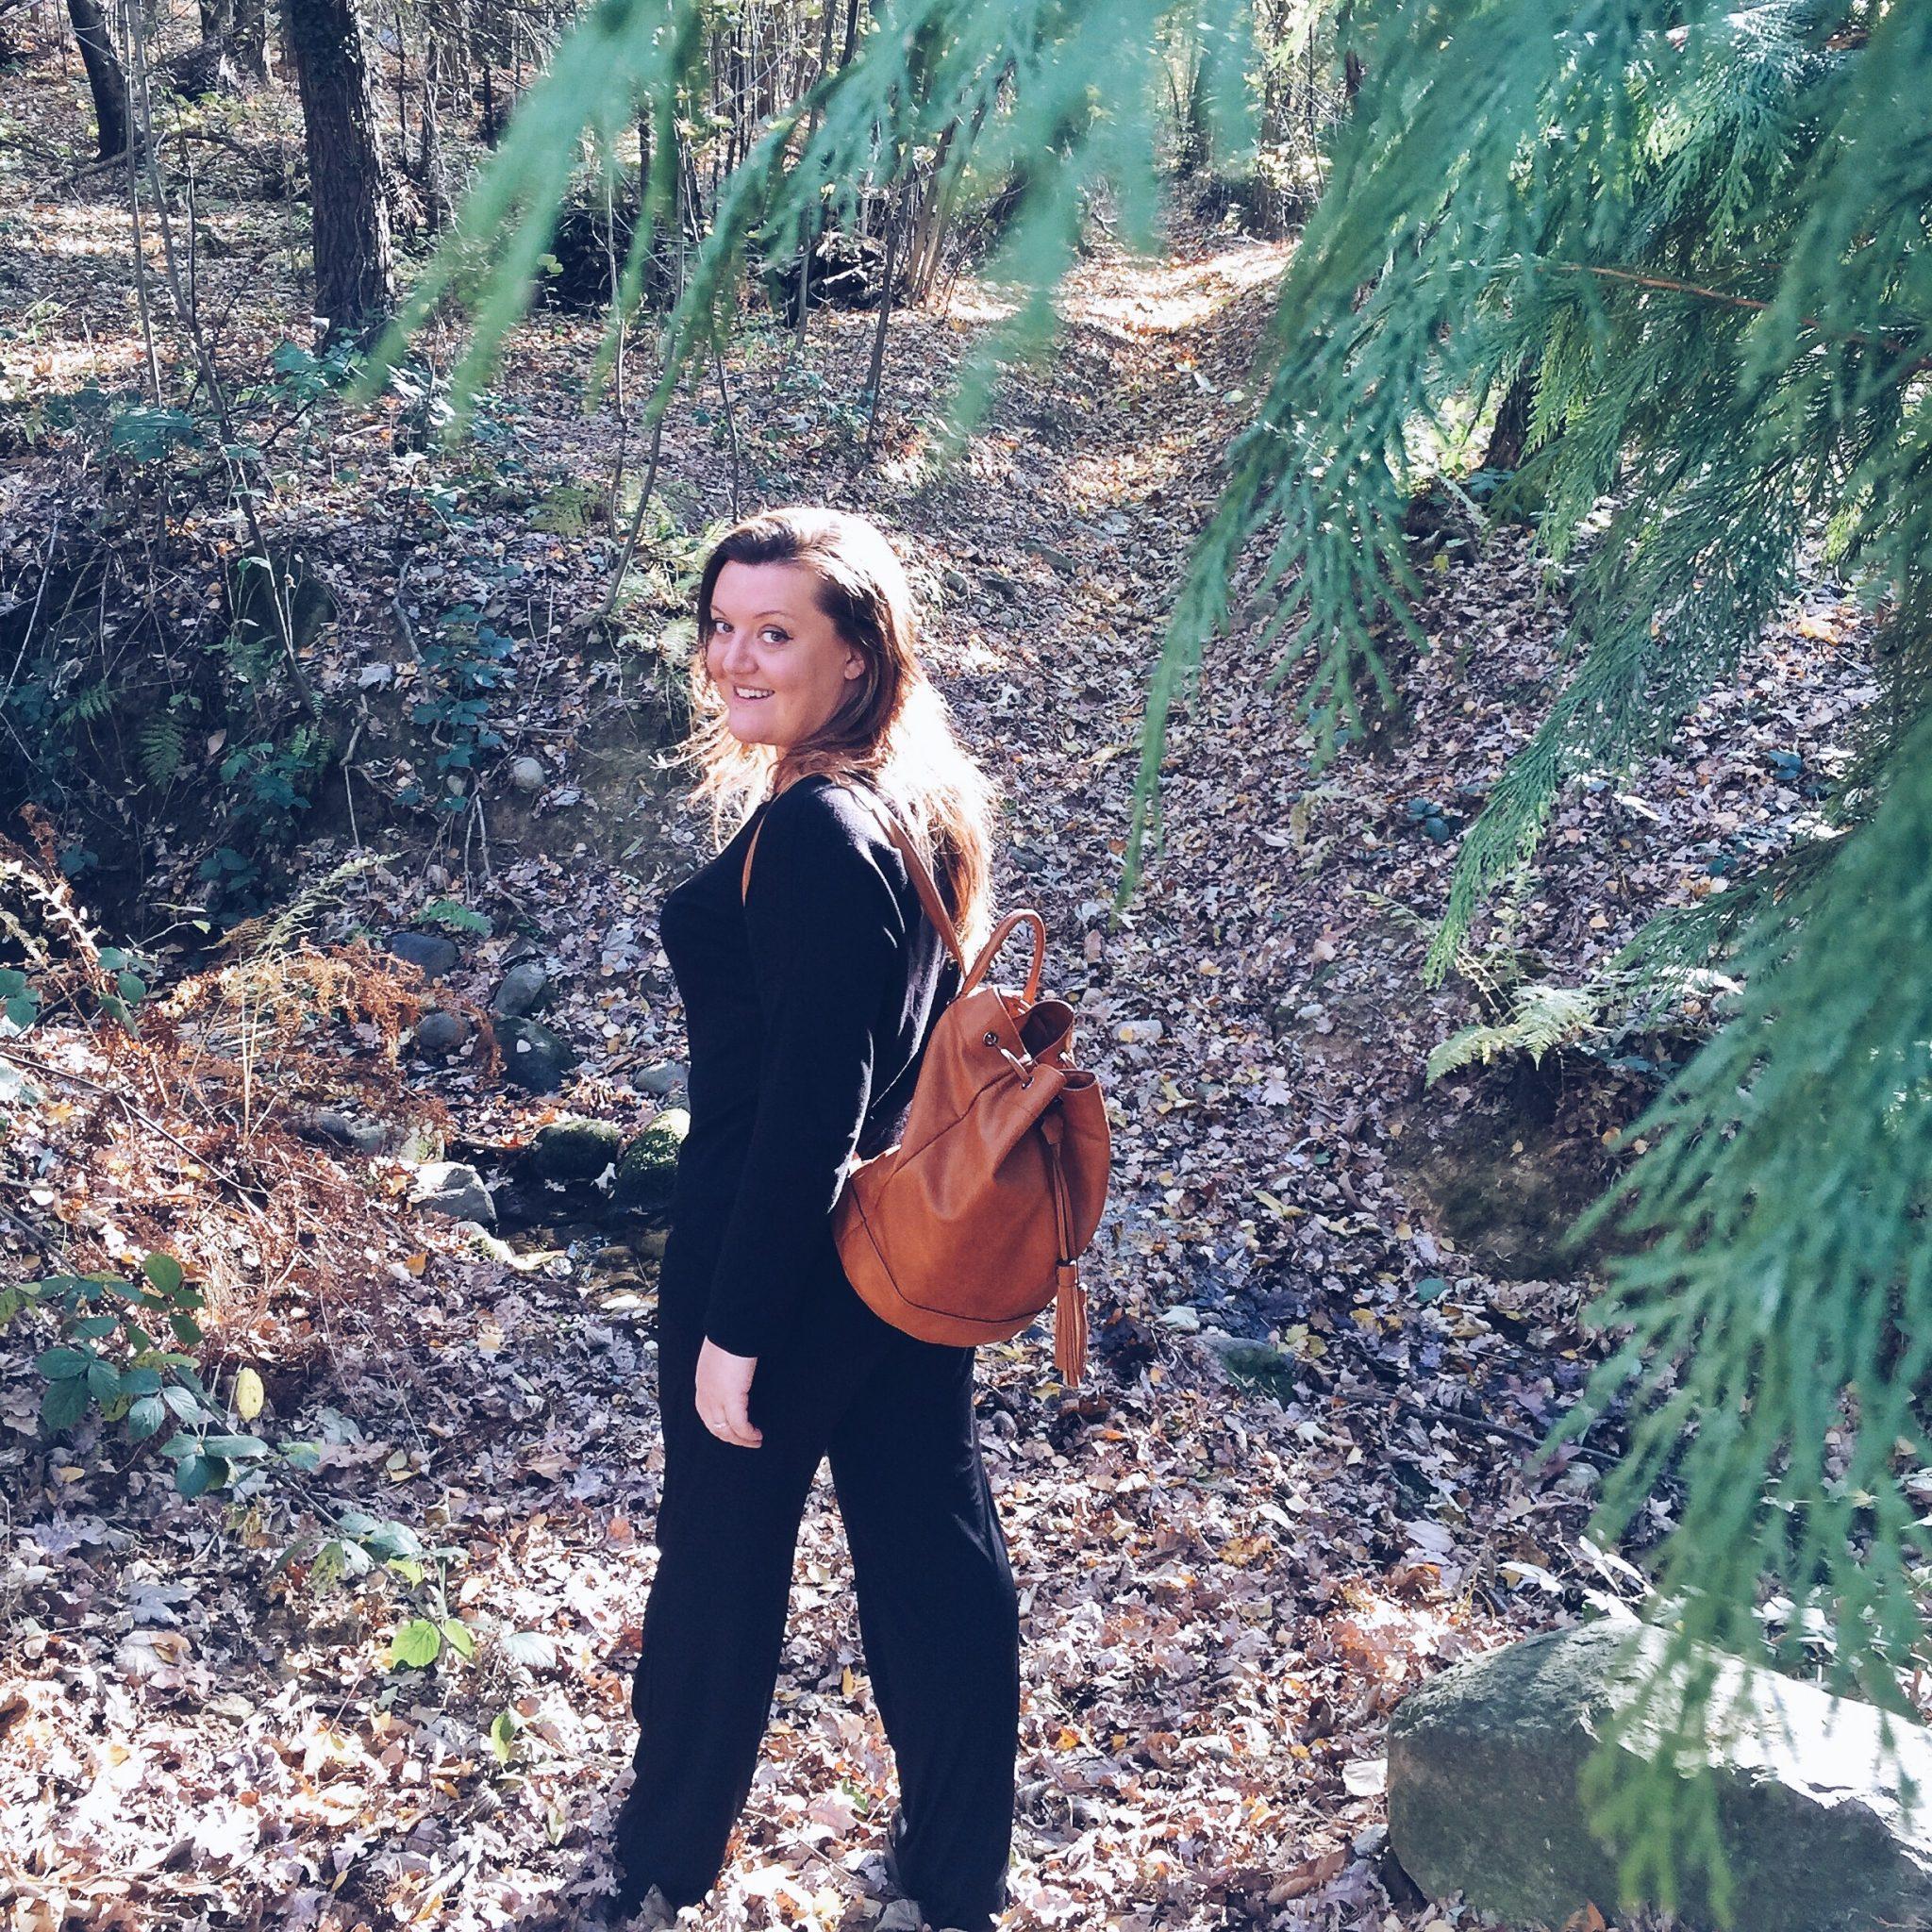 Donna che cammina nel bosco con zaino in spalla - tatianaberlaffa.com